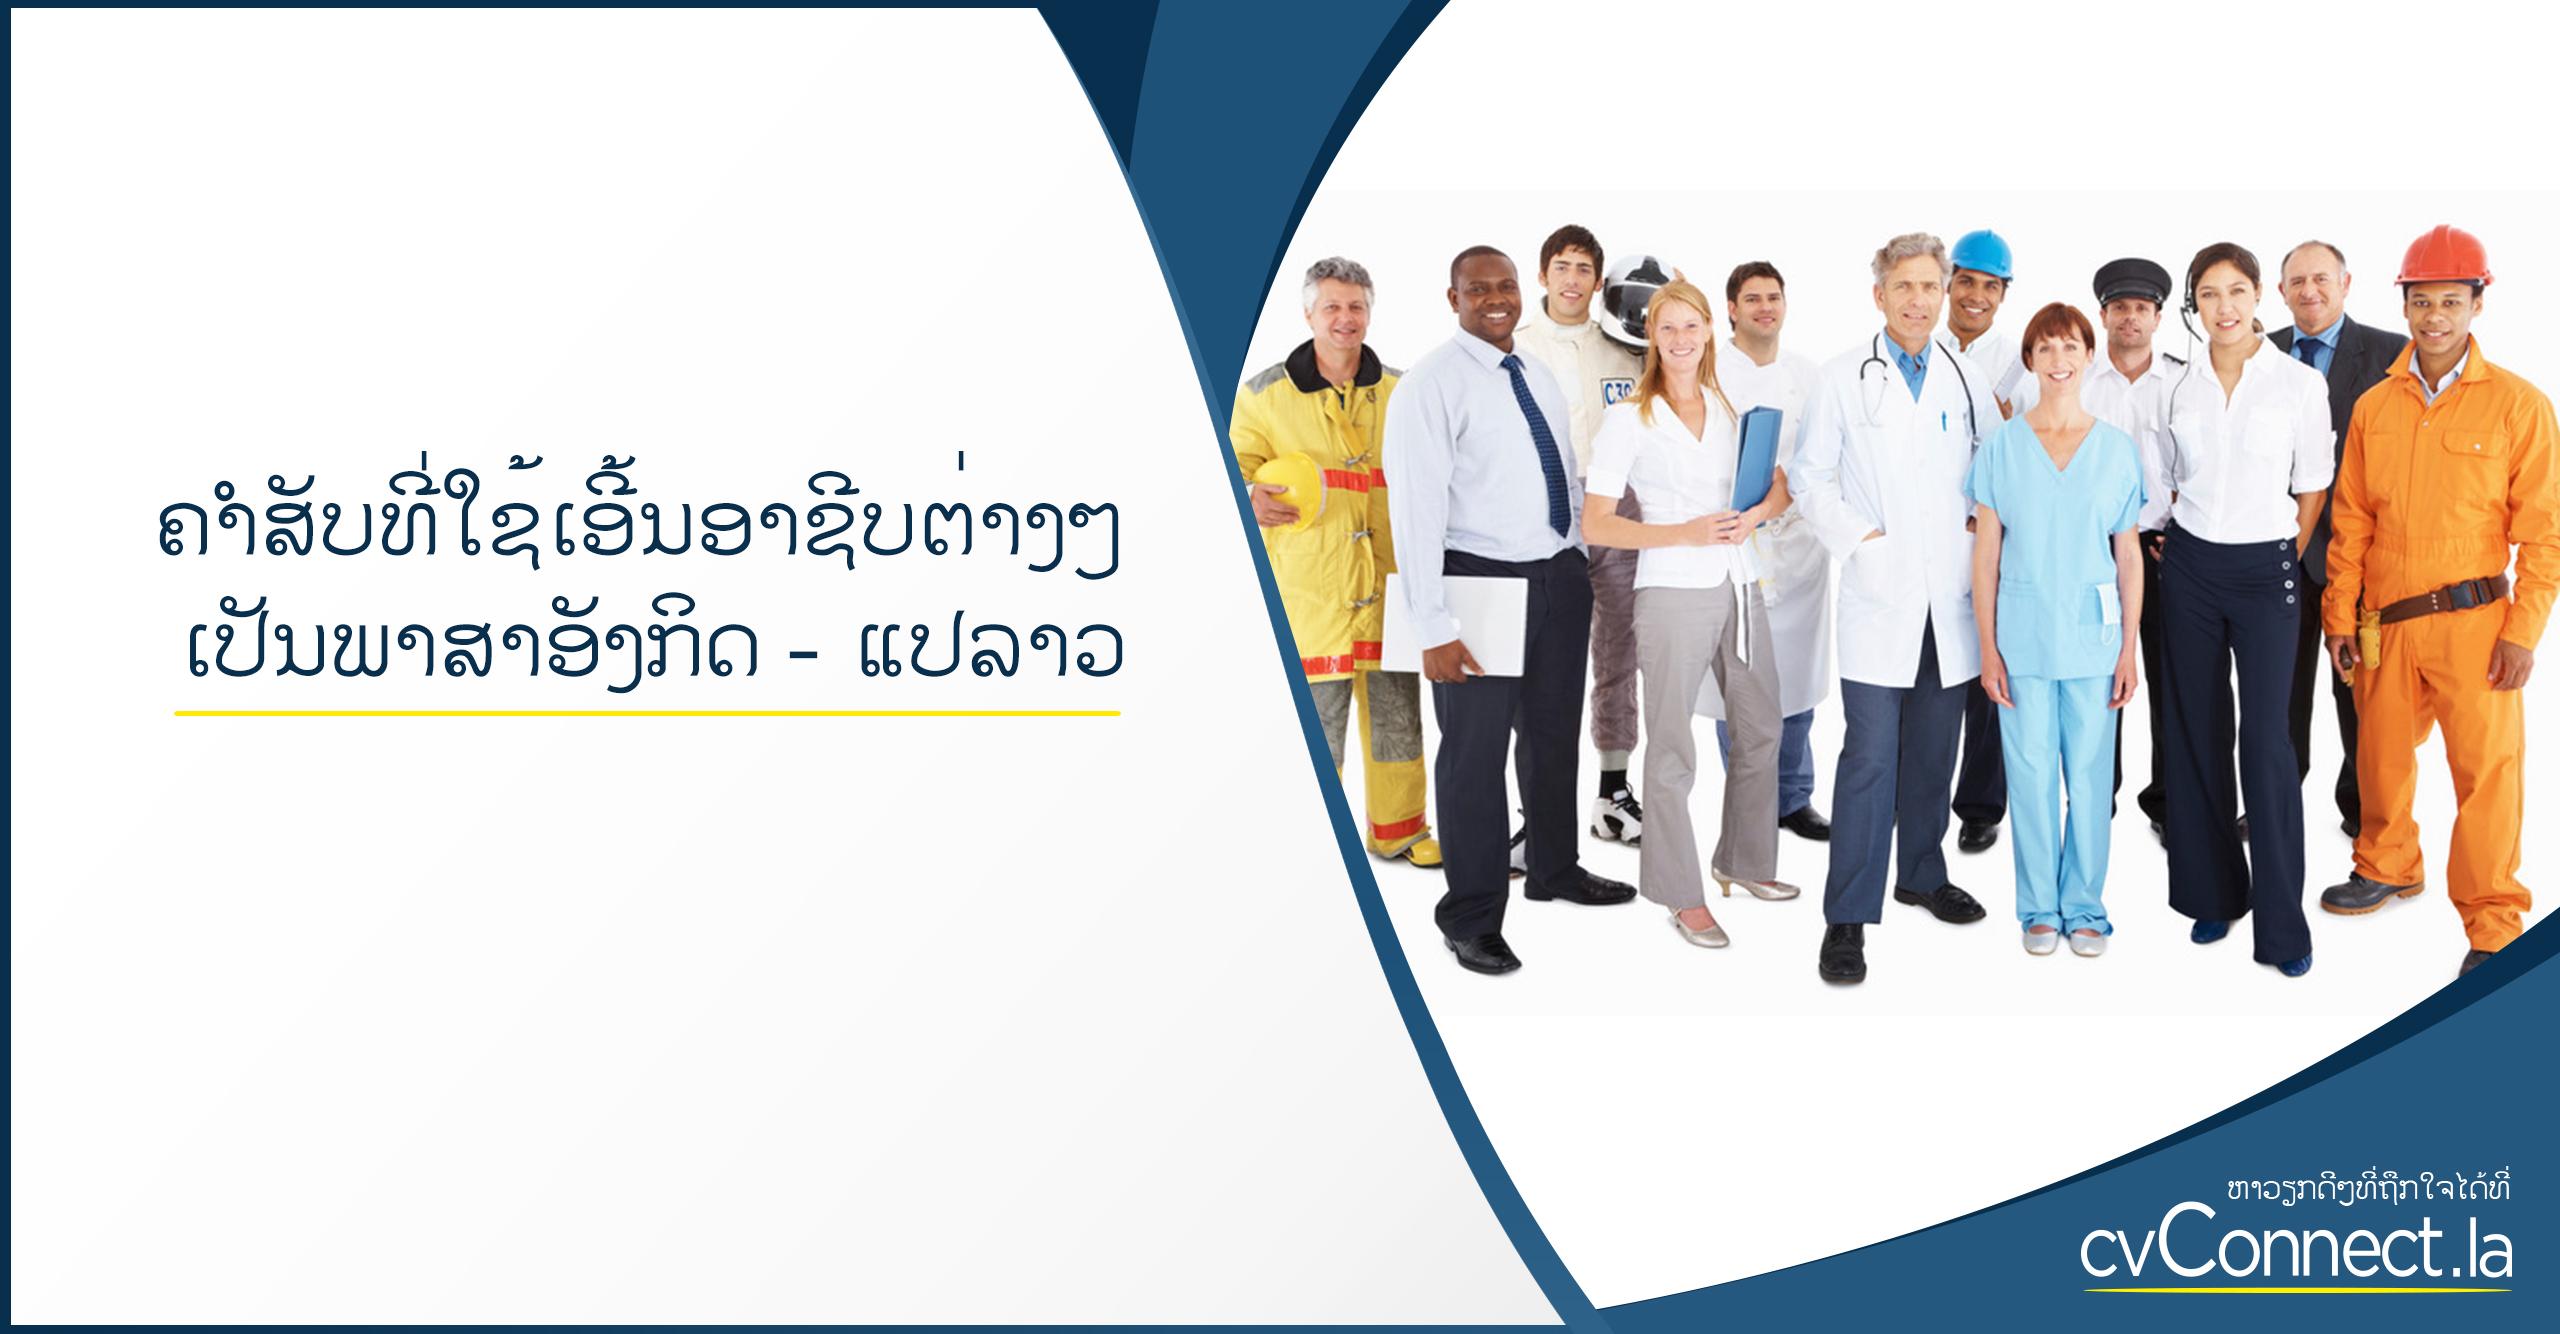 ຄຳສັບທີ່ໃຊ້ເອີ້ນອາຊີບຕ່າງໆ ເປັນພາສາອັງກິດ - ແປລາວ - cvConnect Find Jobs in Laos